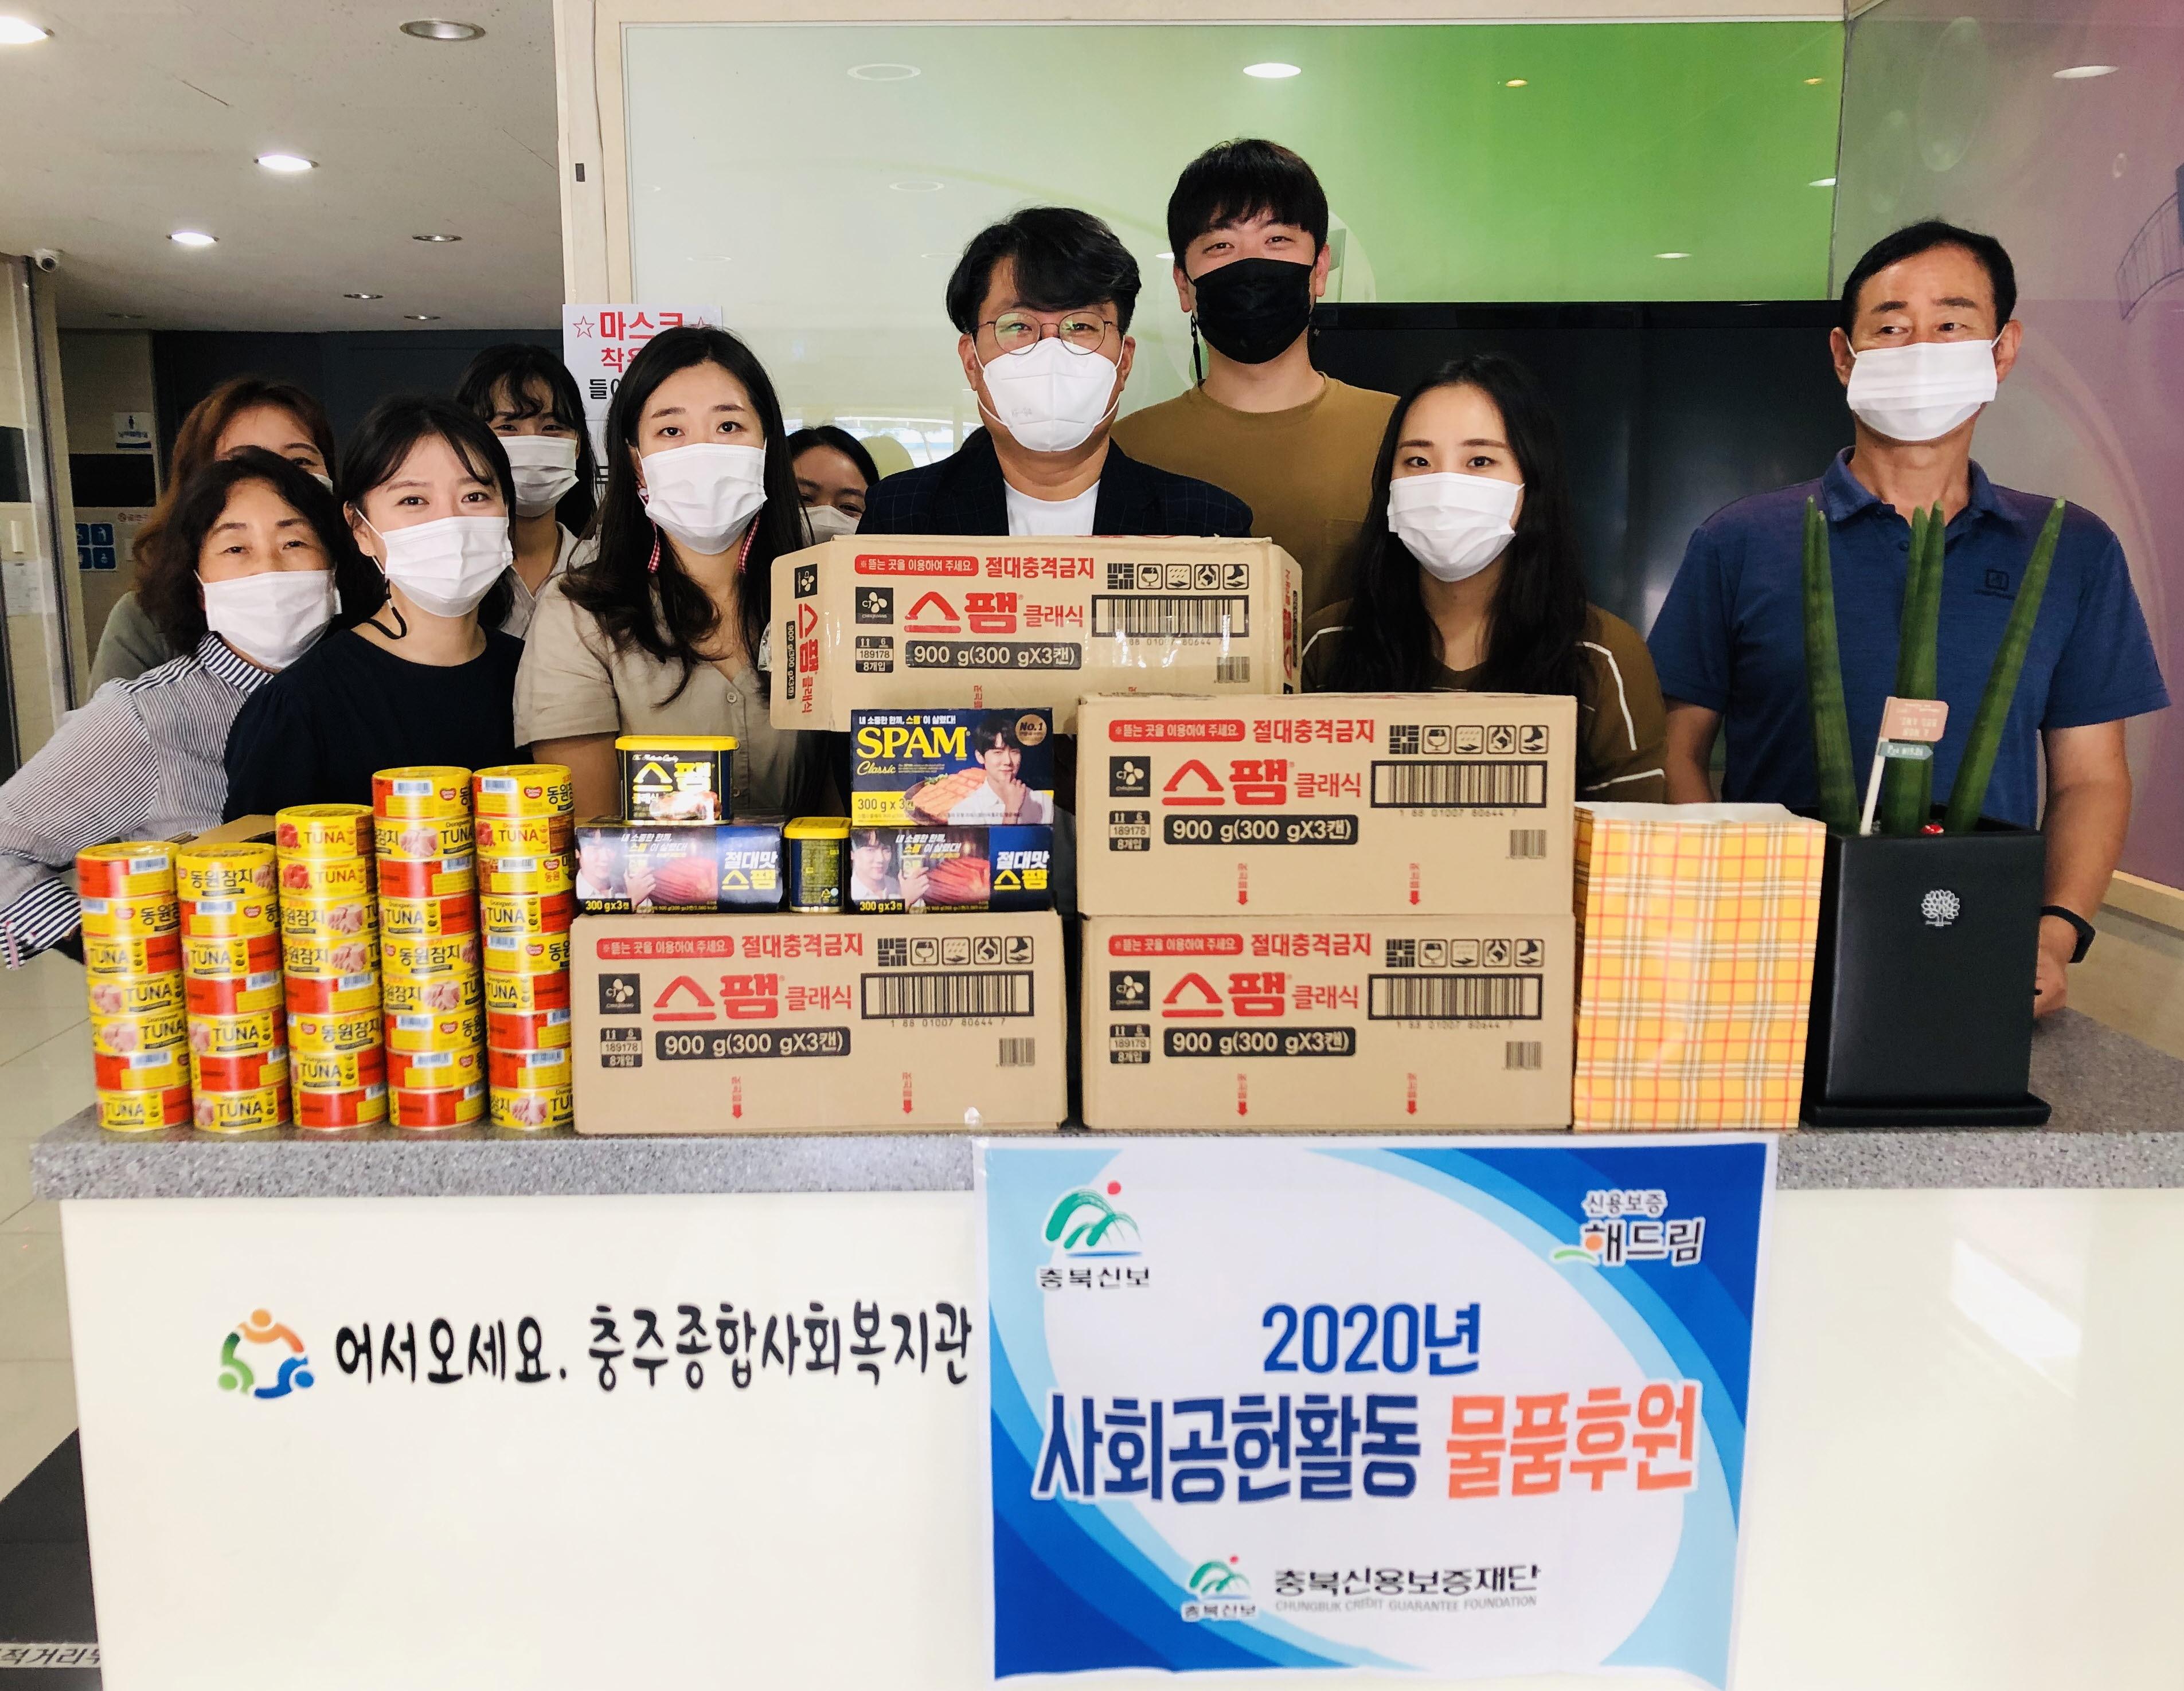 충북신용보증재단, 지역사회 소외계층 후원물품 지원